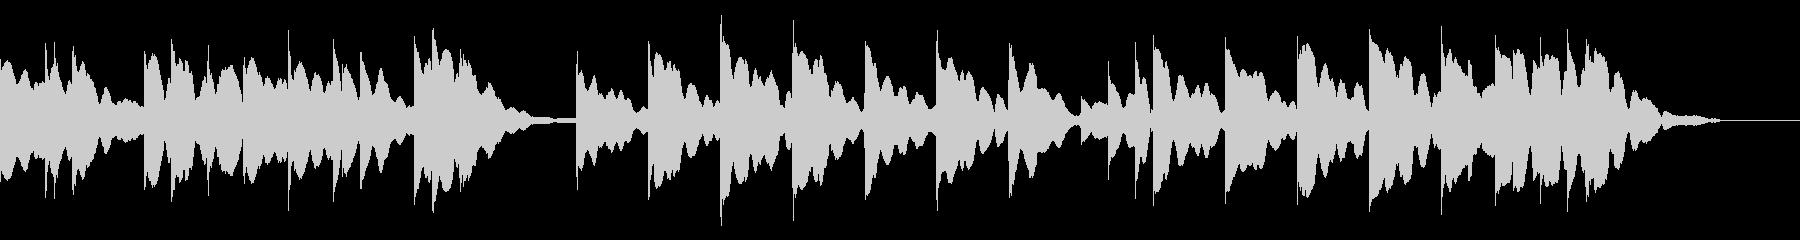 オルゴールのようなぬくもりを感じる曲の未再生の波形